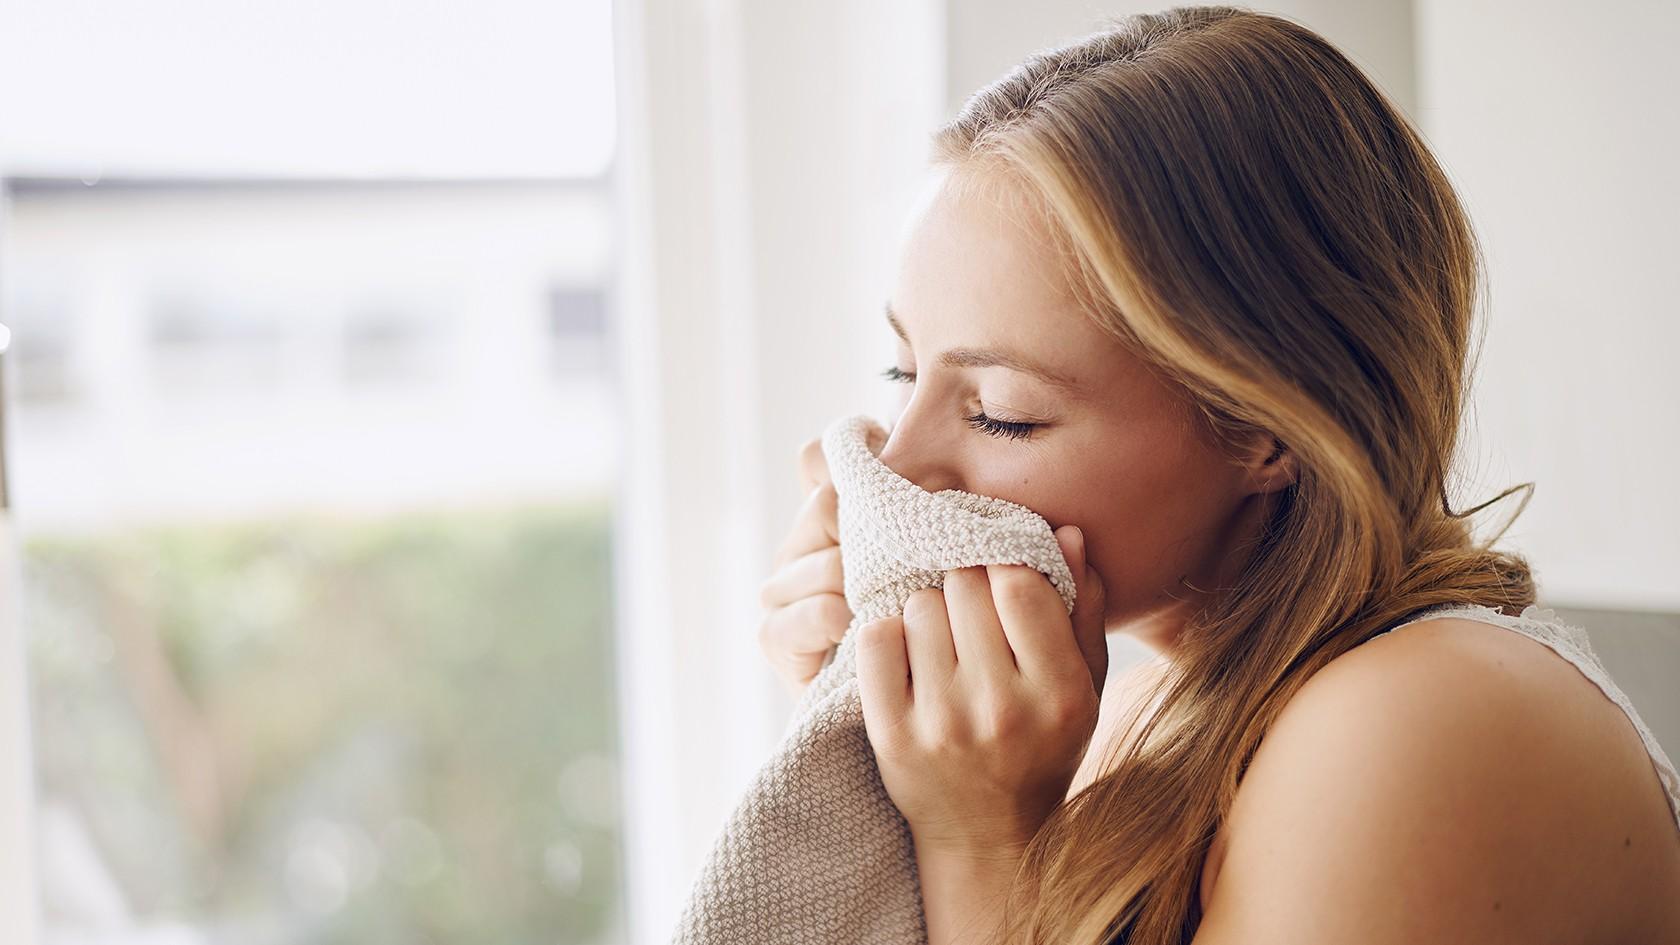 Eine Frau genießt mit geschlossenen Augen den Duft frischgewaschener Wäsche.